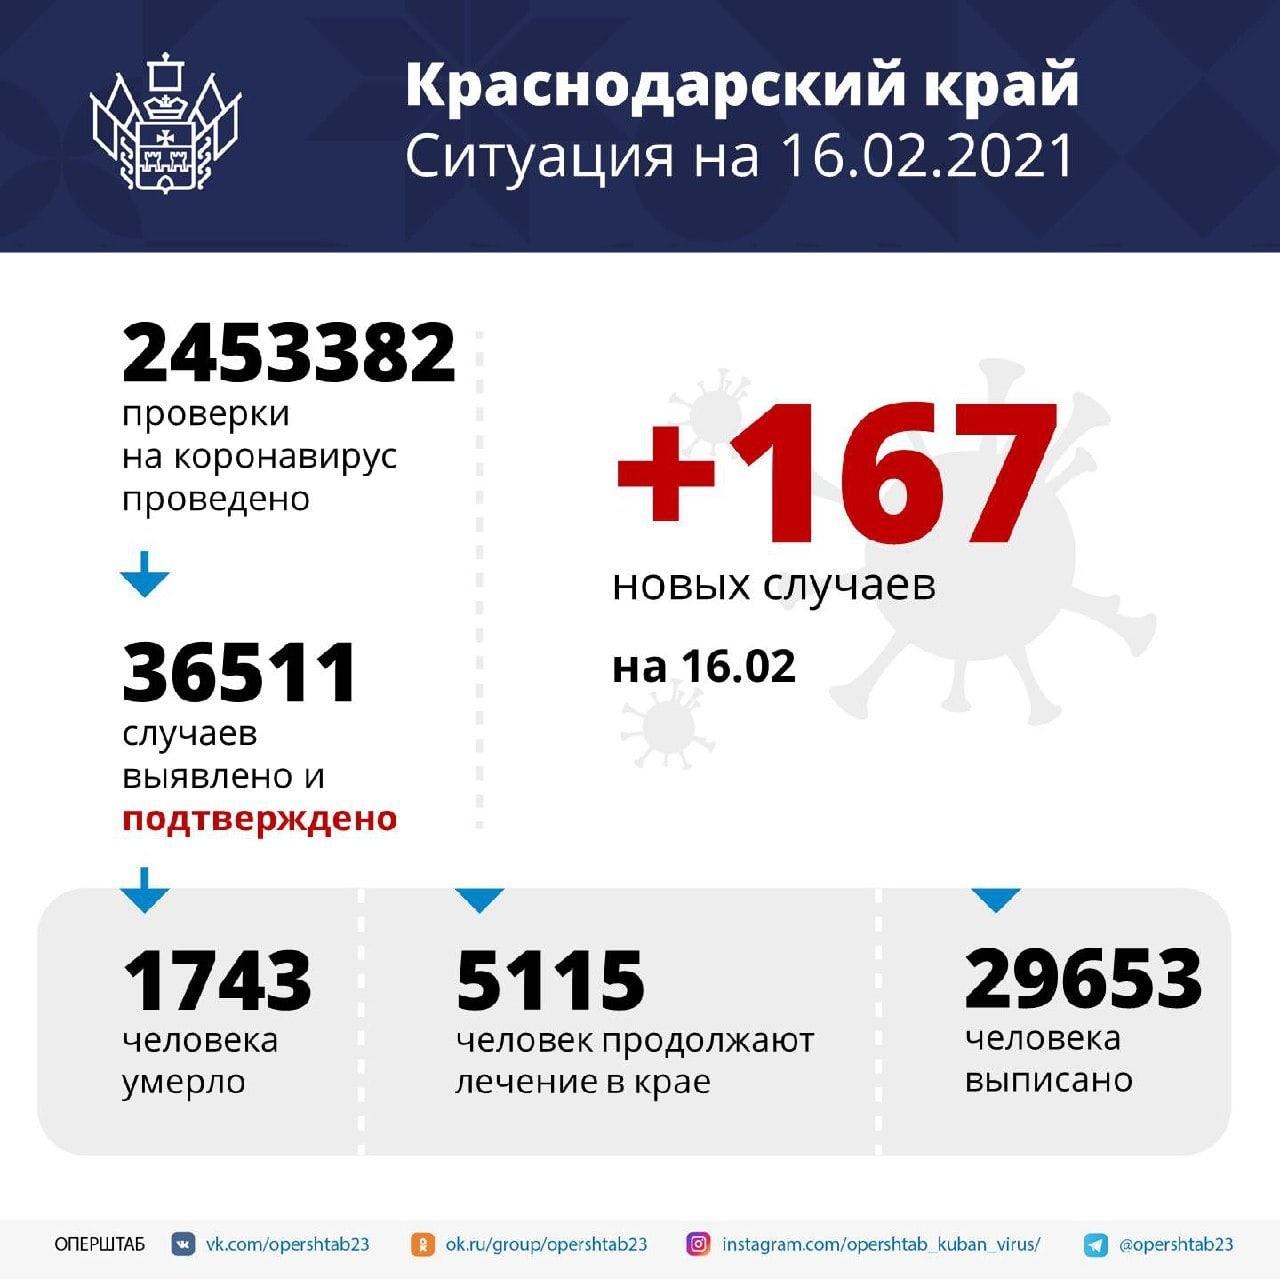 За сутки в Краснодарском крае подтверждено 167 случаев...